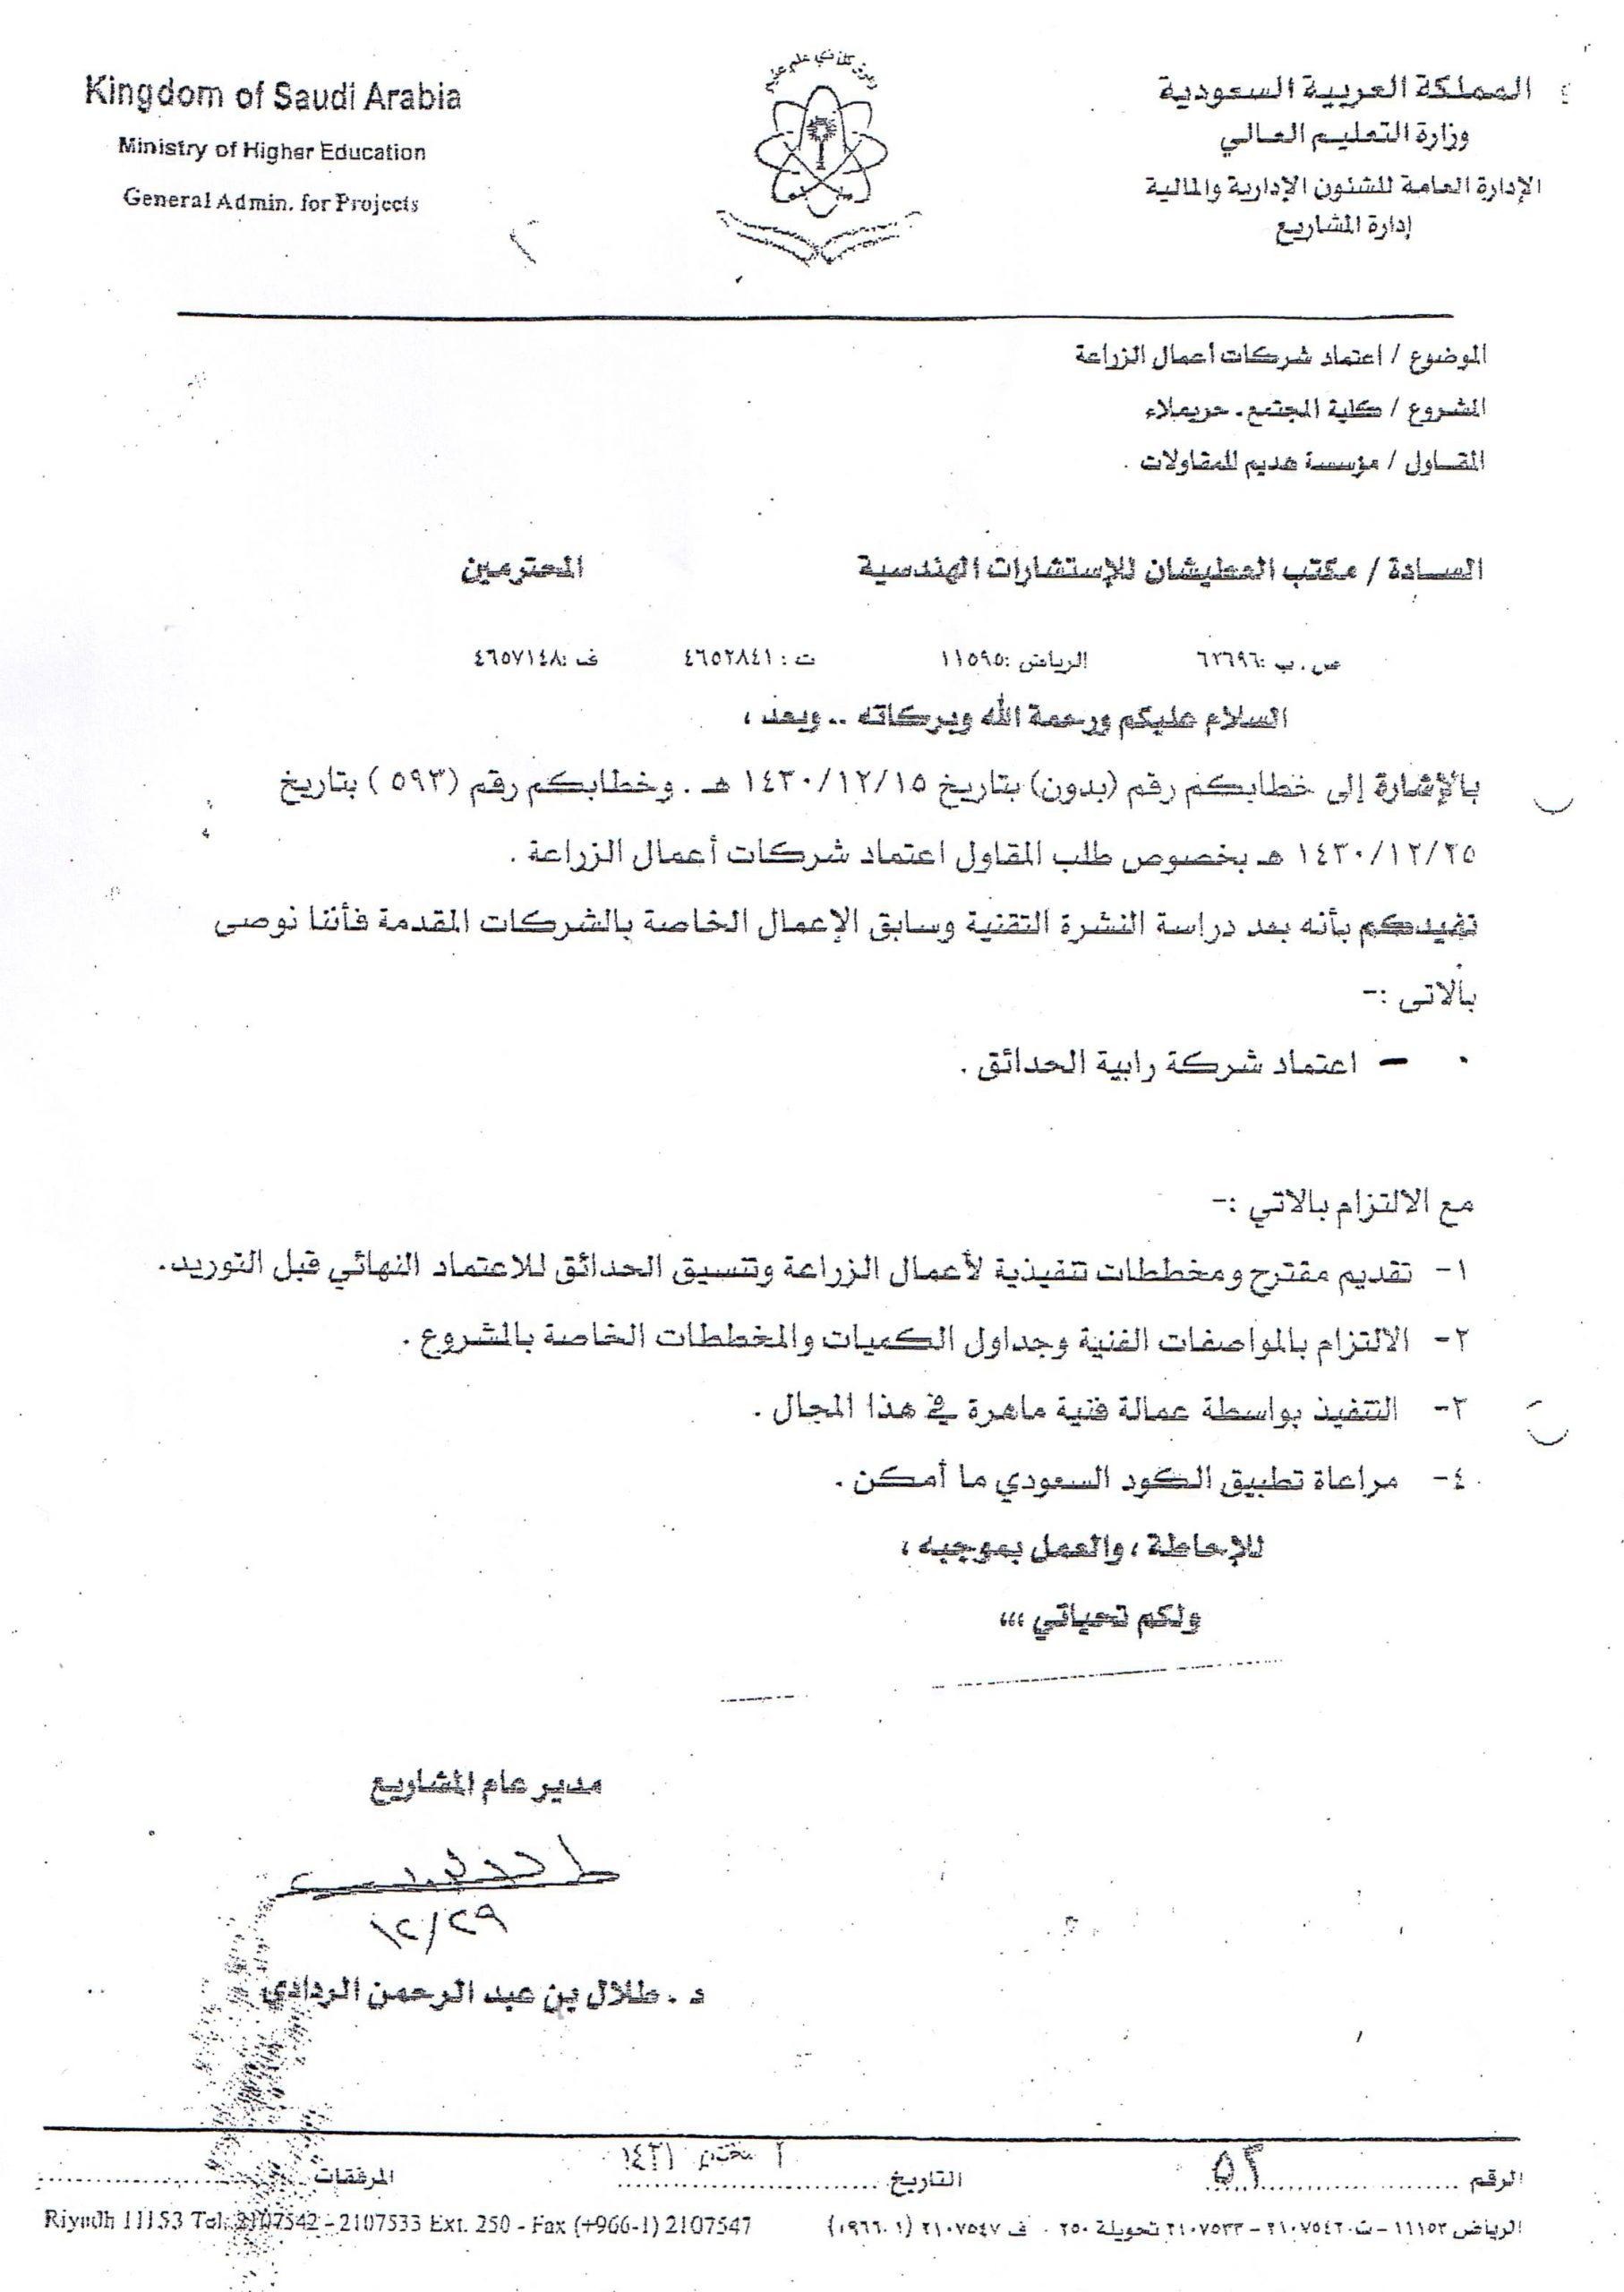 شهادة اعتماد وزارة التعليم العالى كلية المجتمع حريملاء